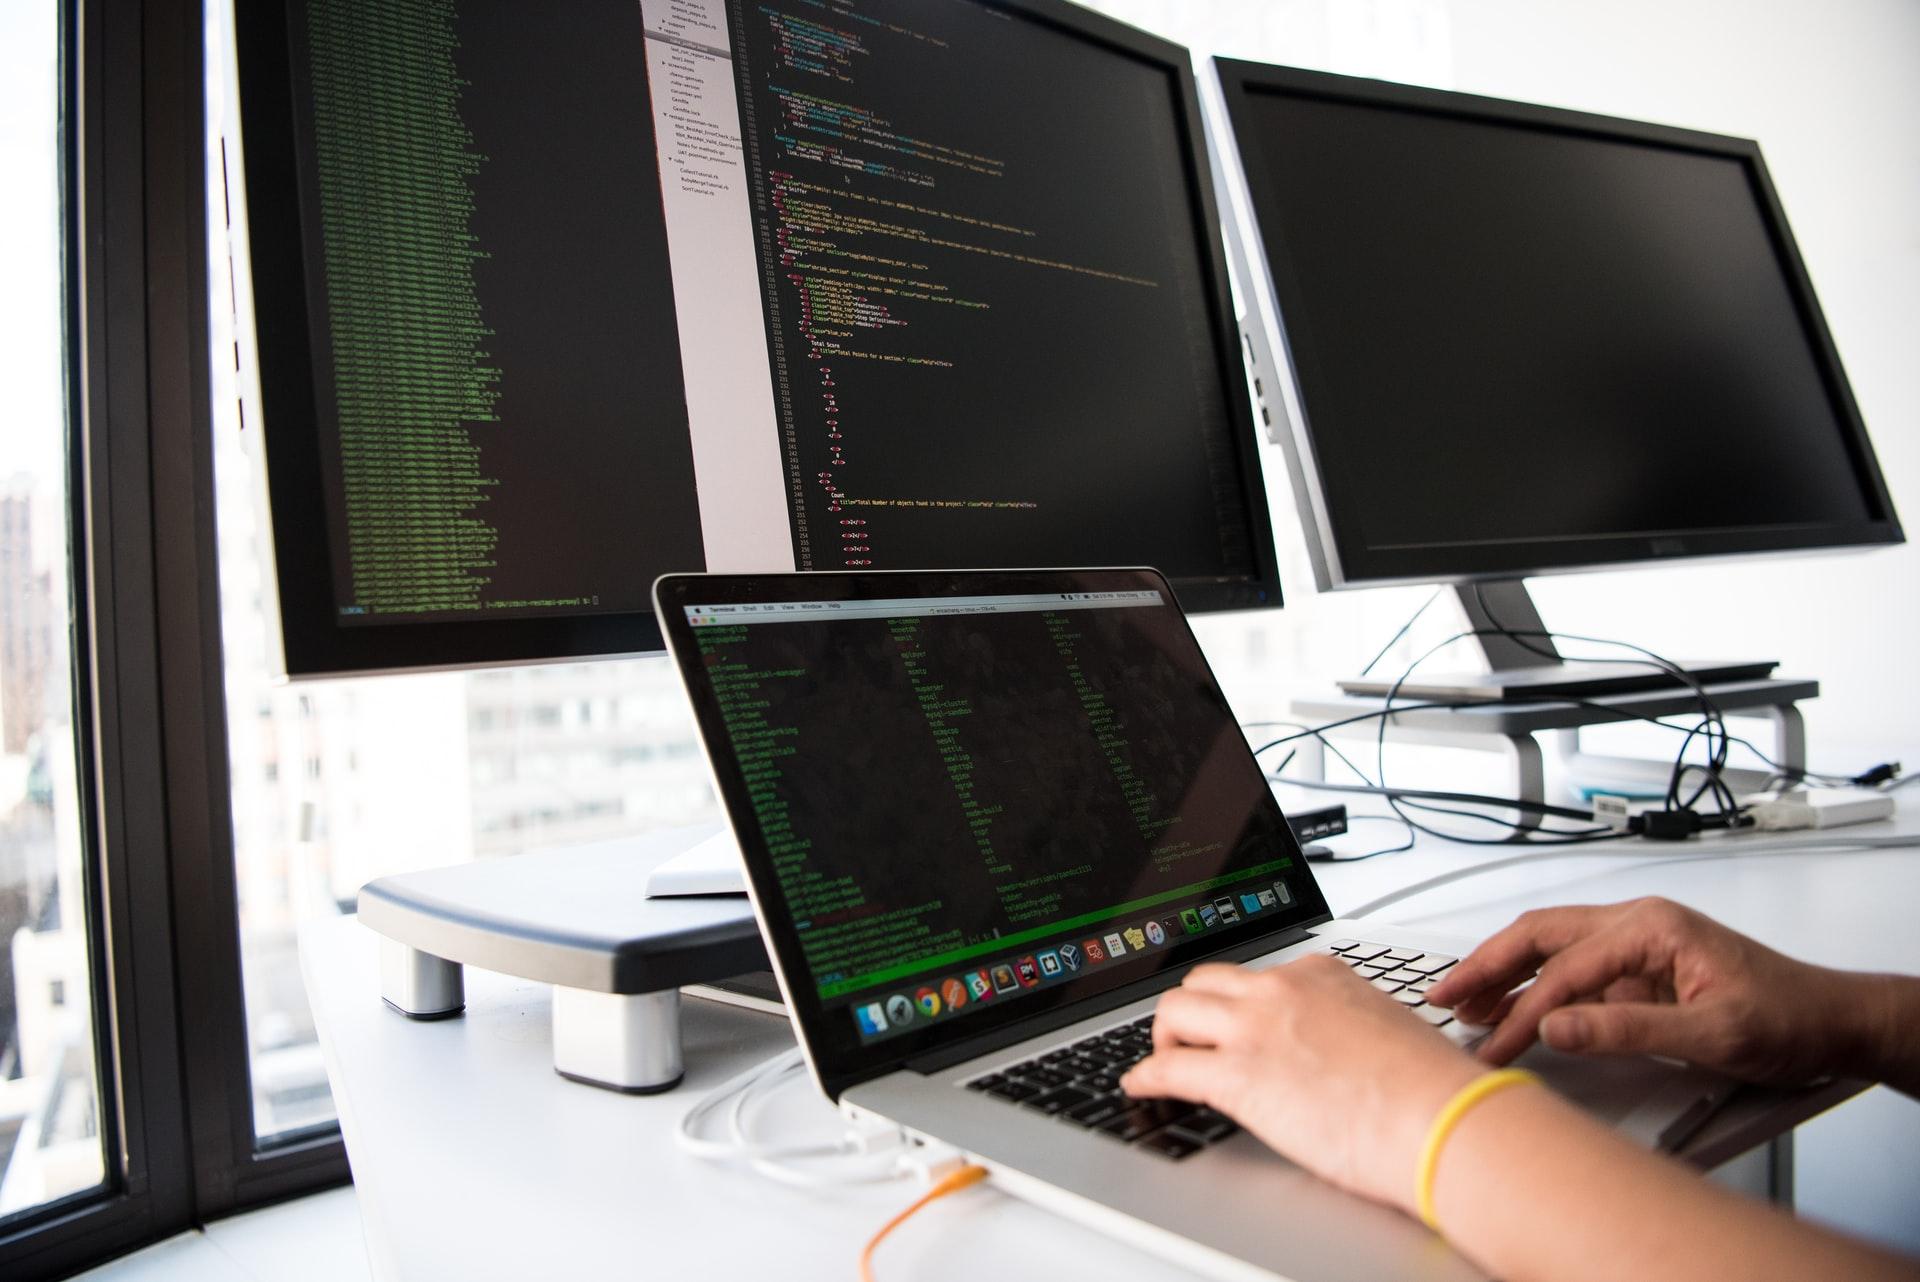 software developer software engineer web designer